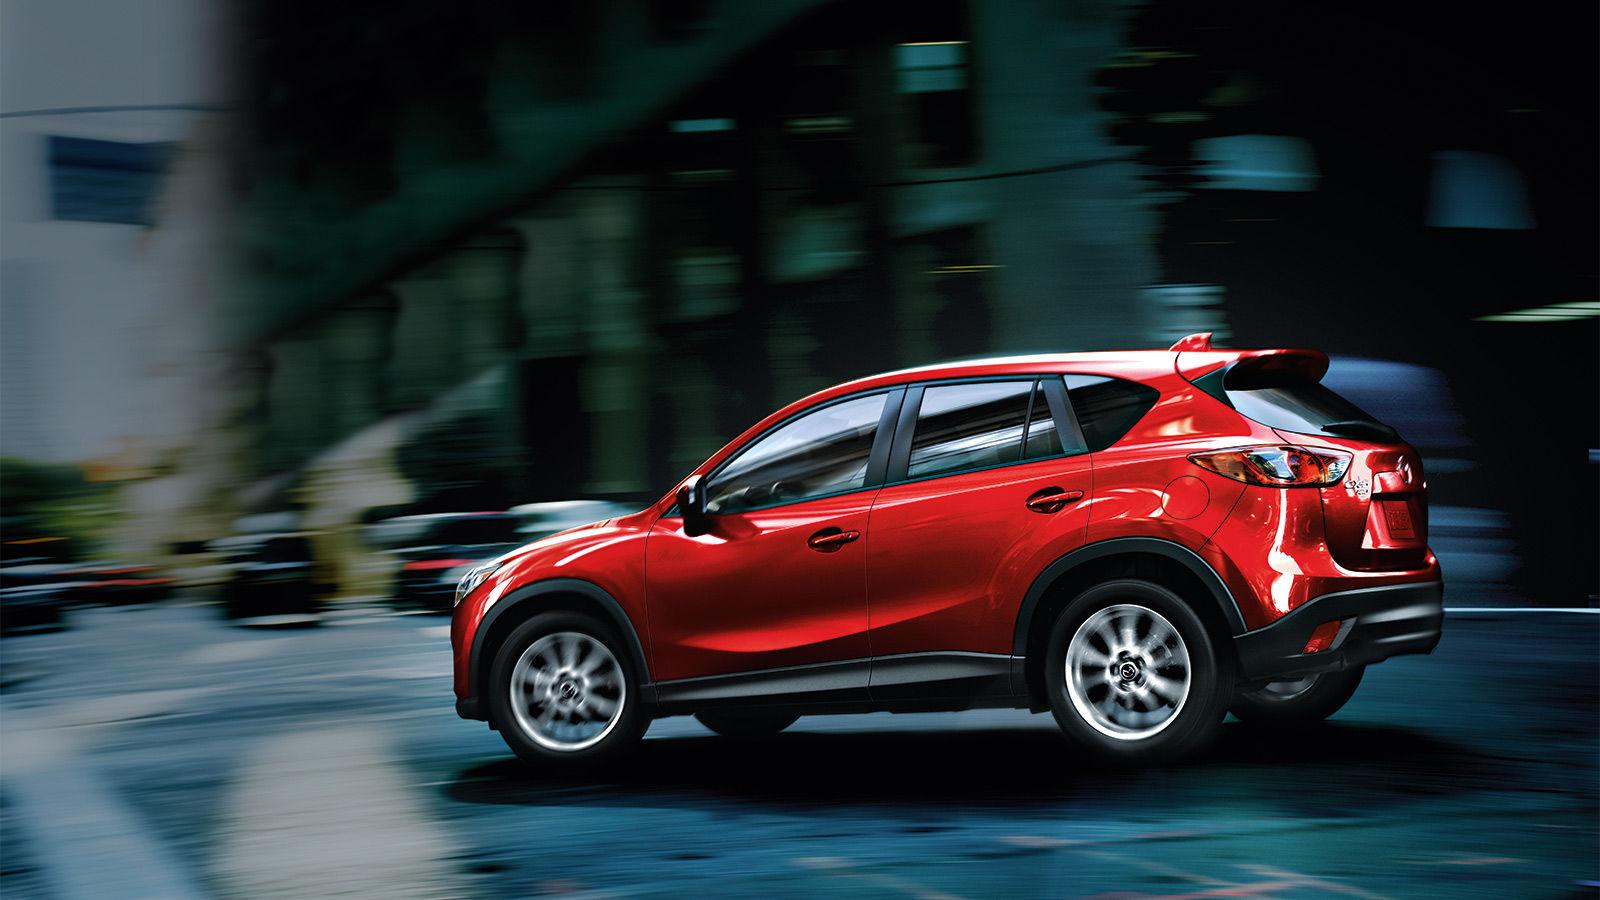 2015 Mazda CX-5: The Ideal Combination